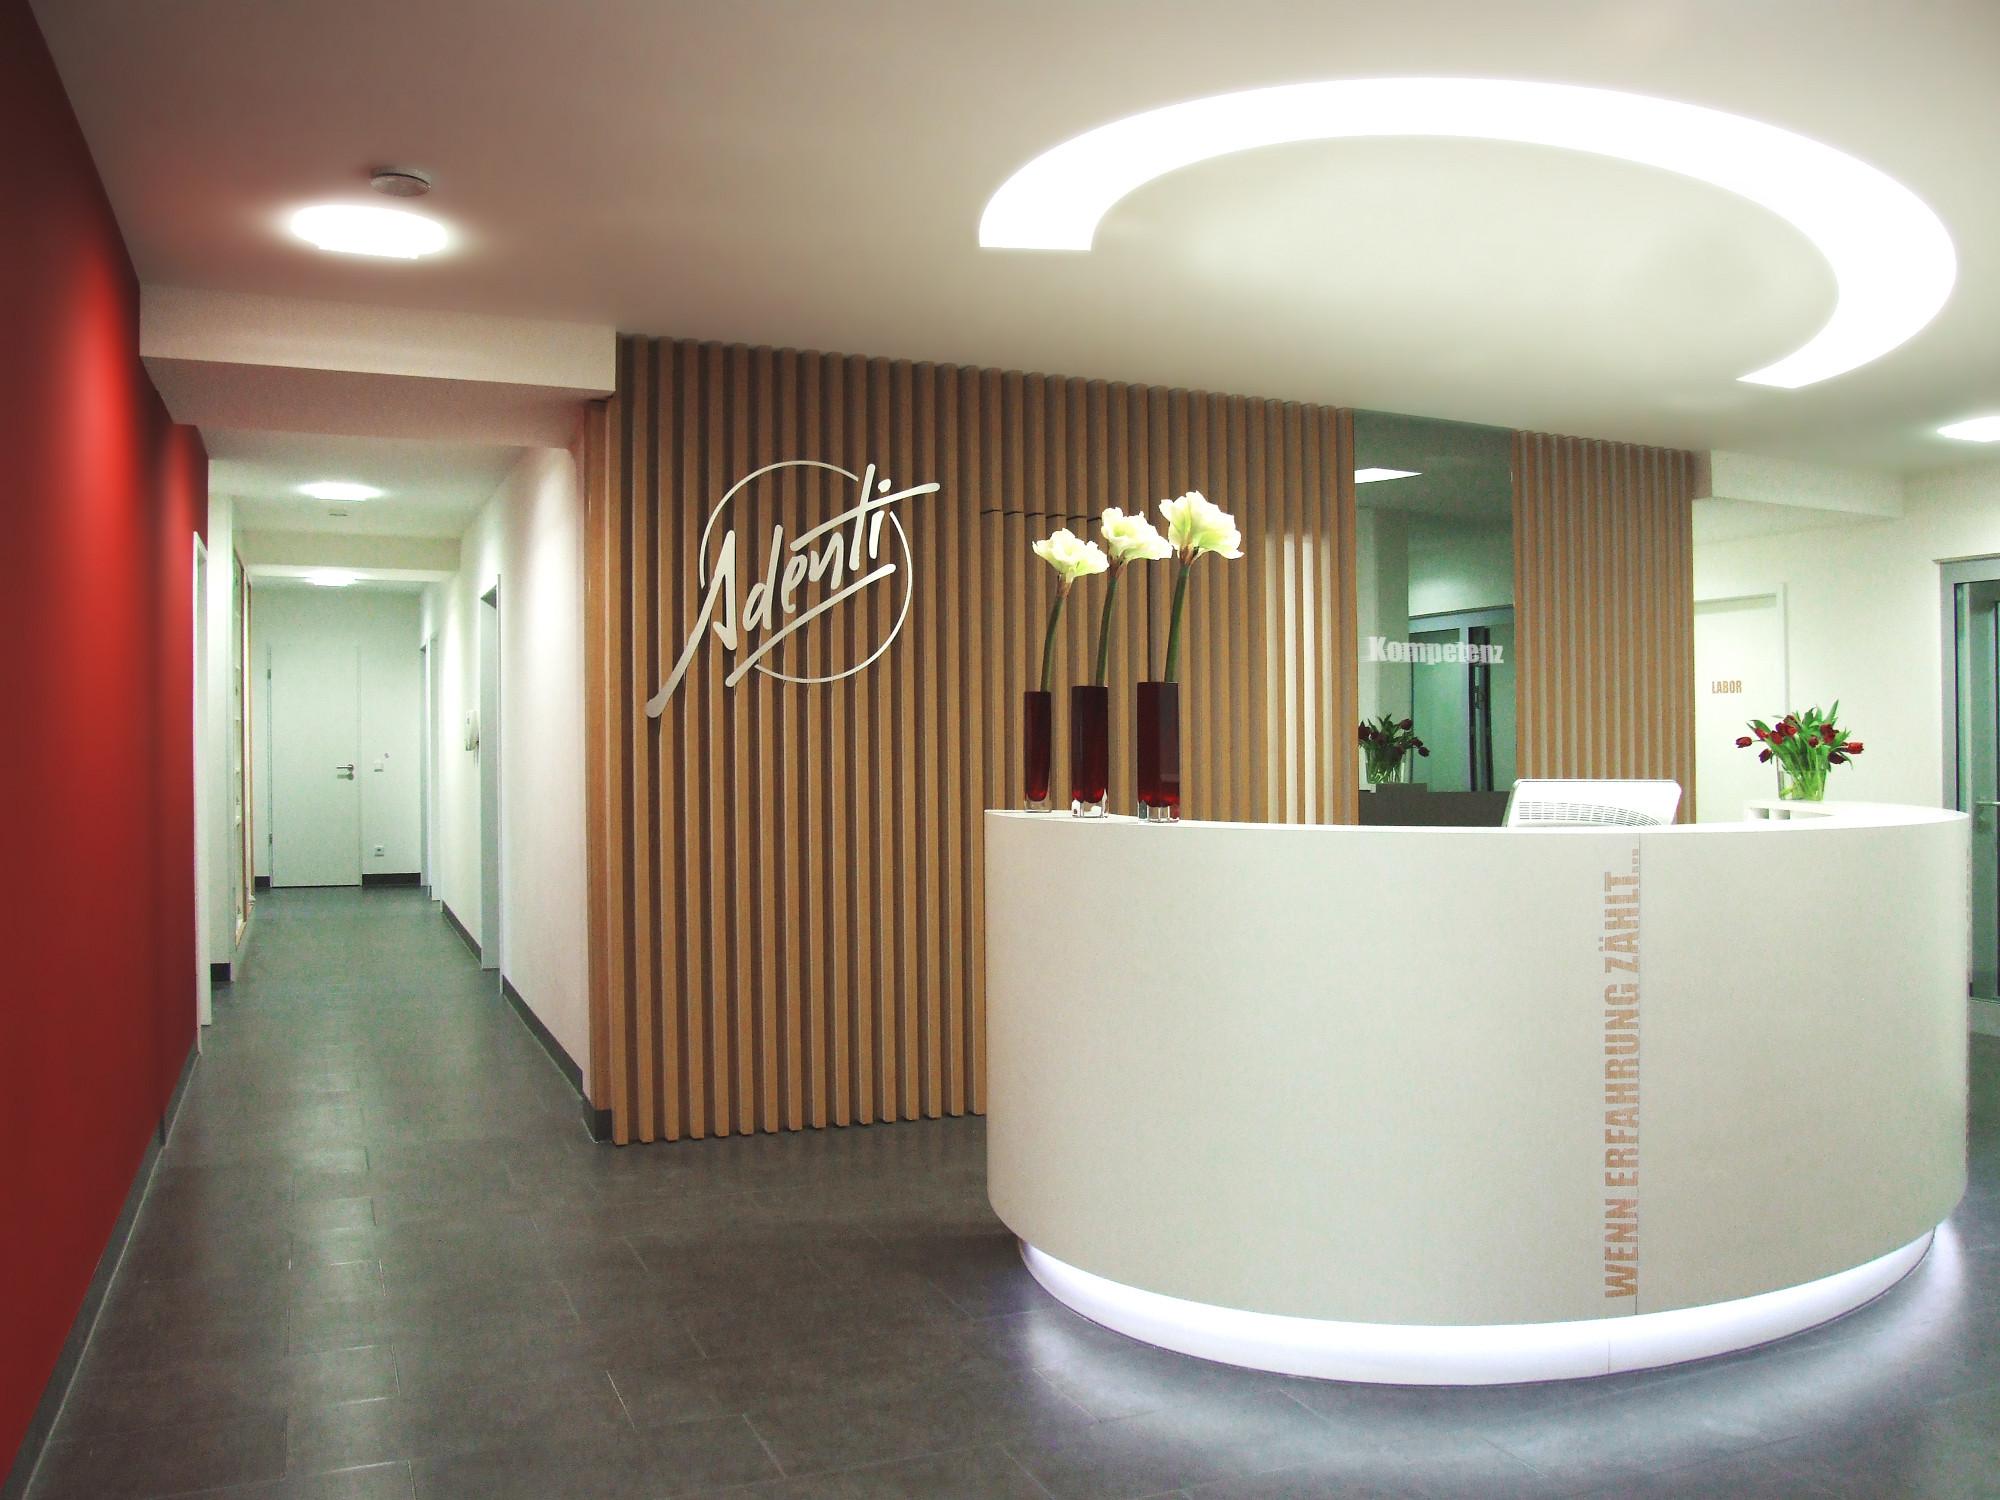 arztpraxen & kliniken – legno – werkstätte für holzarbeiten, Innenarchitektur ideen